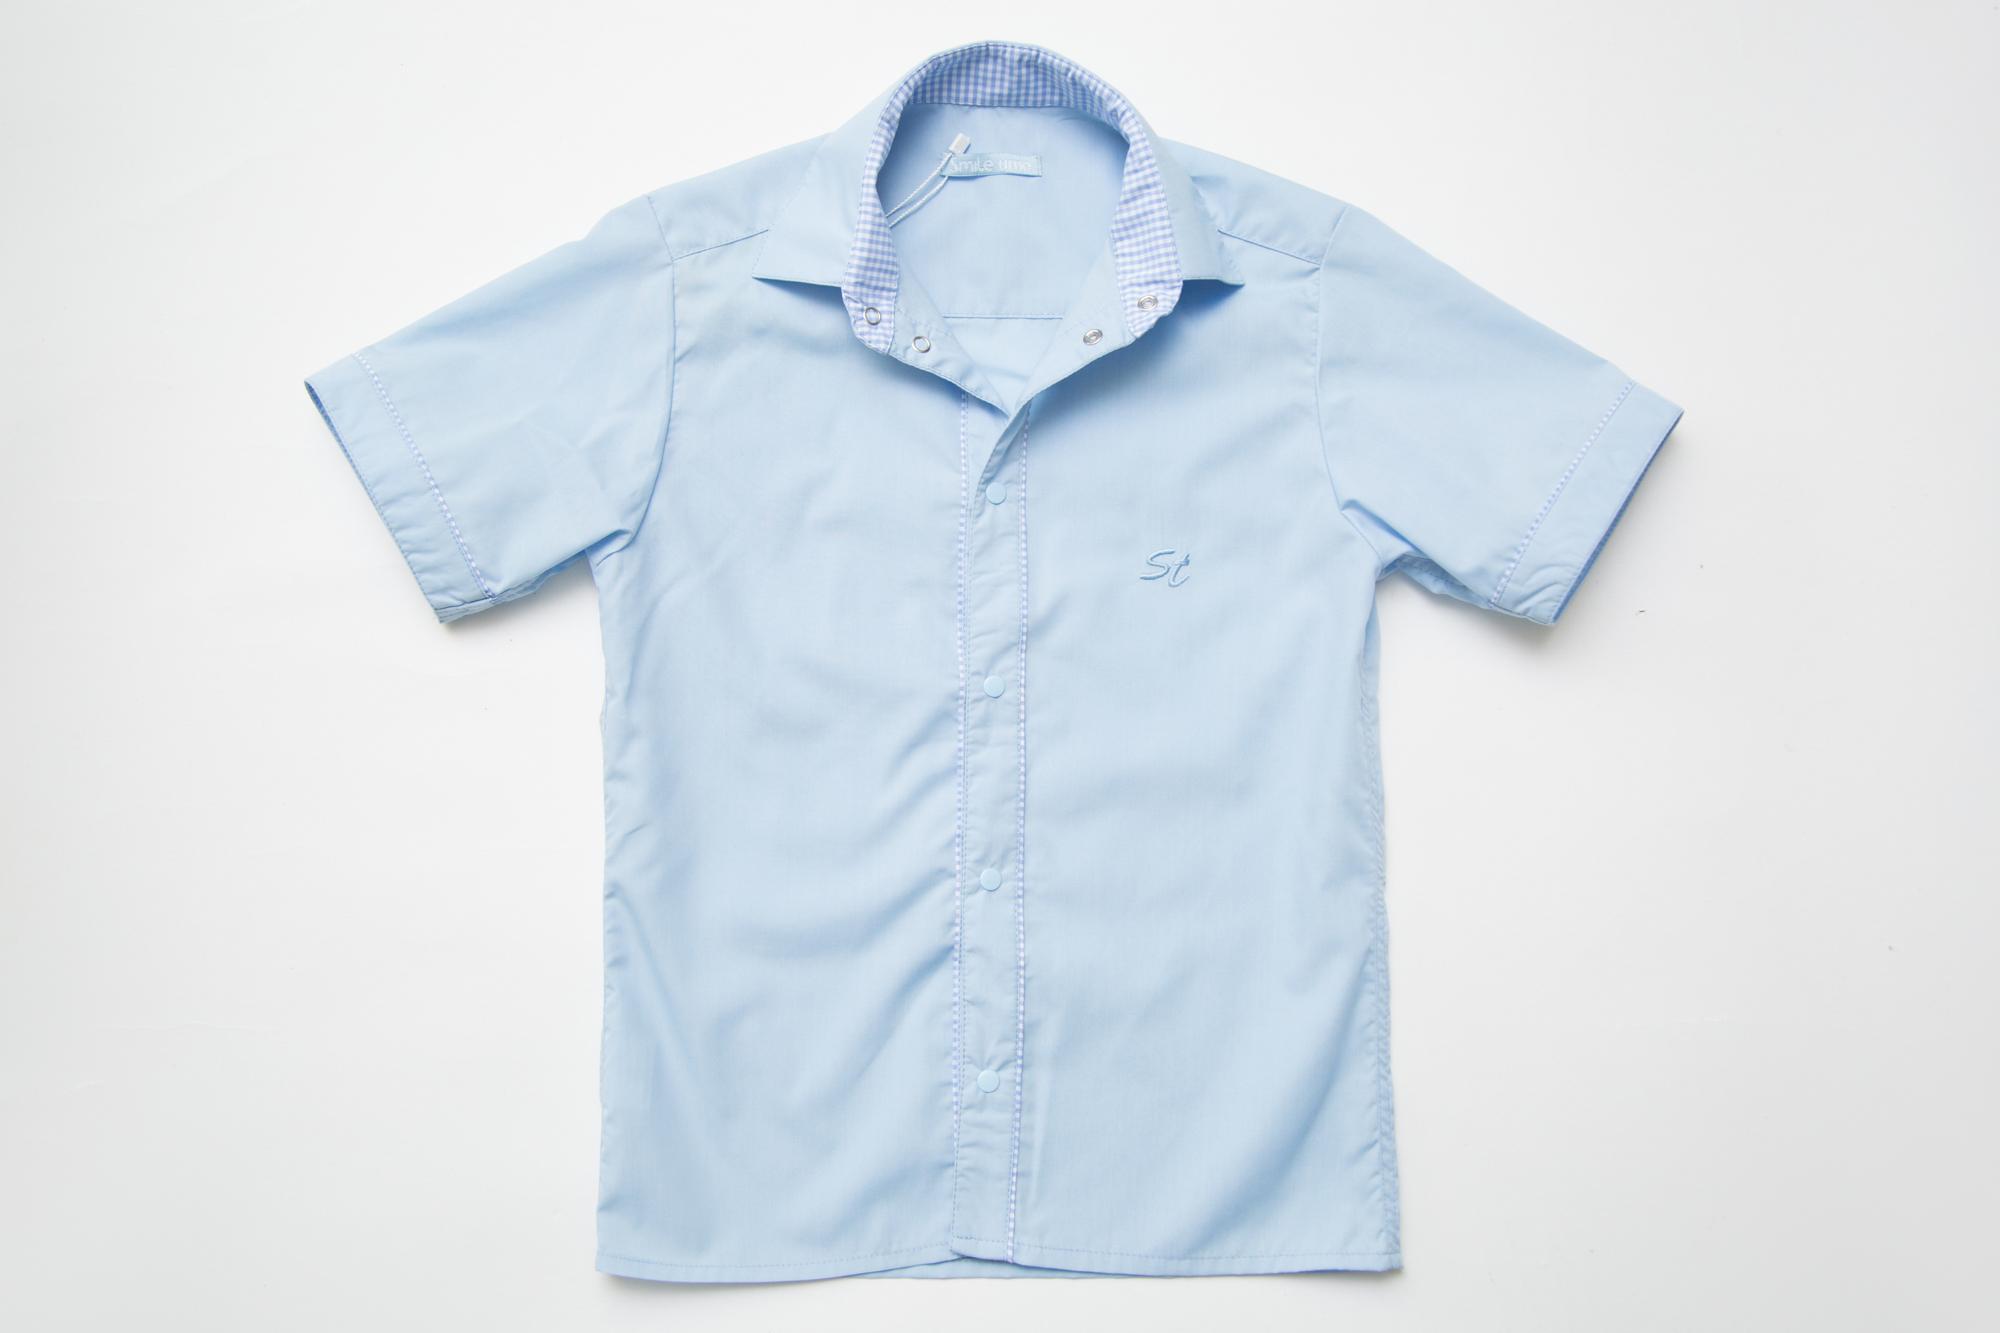 Рубашка SmileTime на кнопках с коротким рукавом Кант, голубая